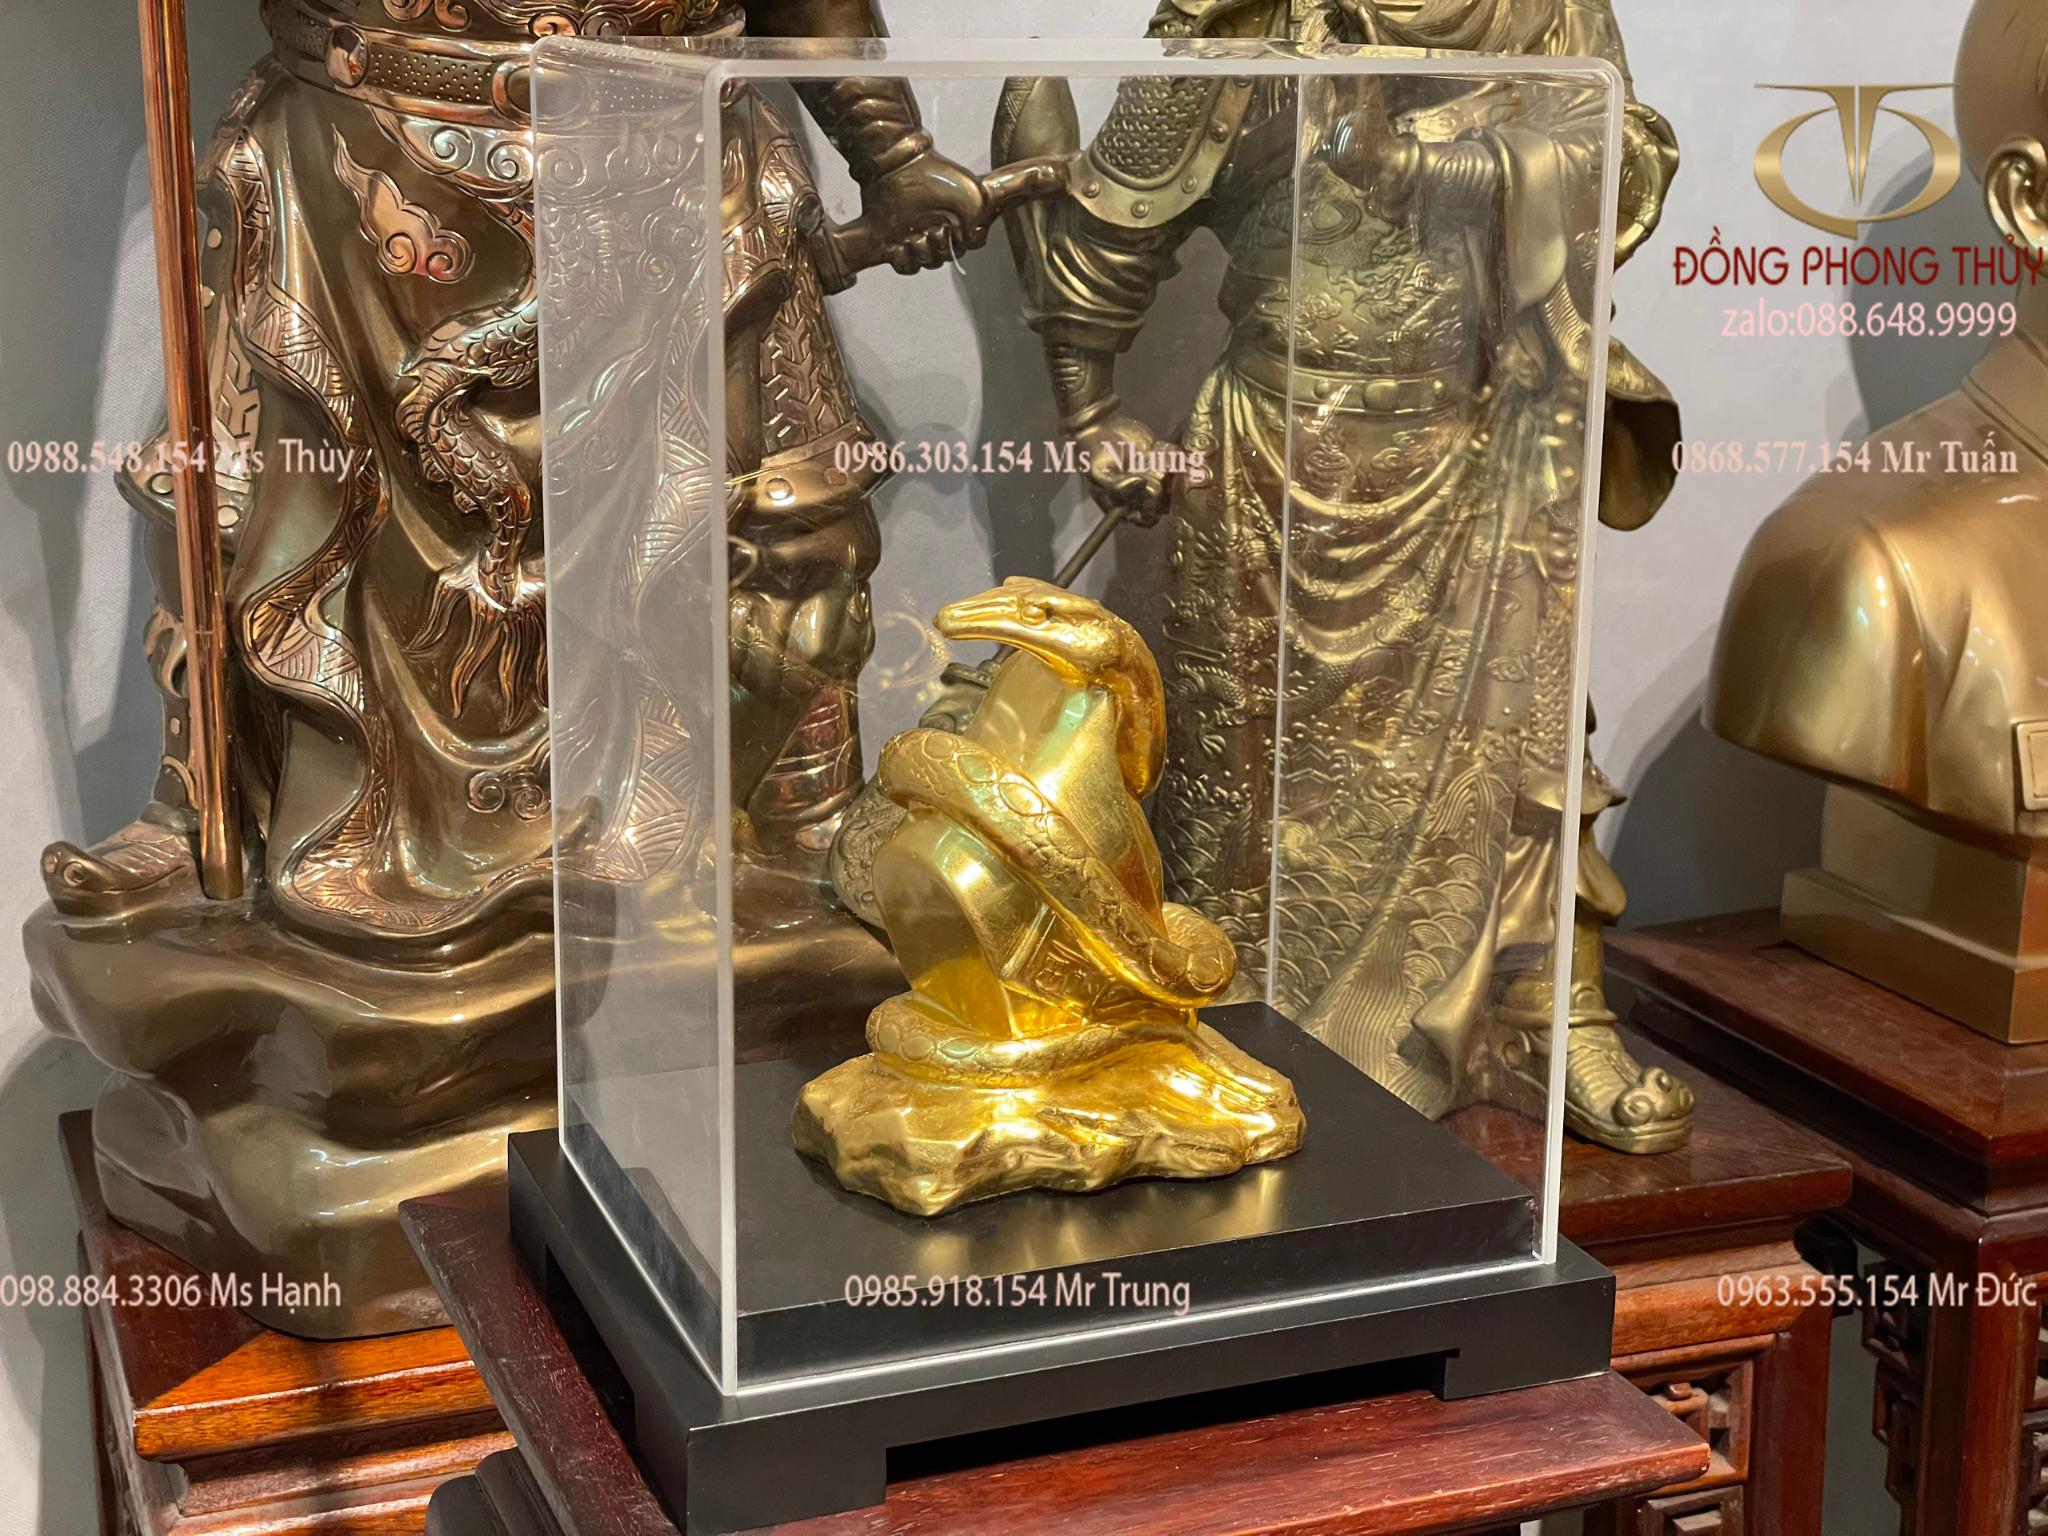 Tượng rắn bằng đồng cuốn thỏi tiền tài lộc thếp vàng 24k